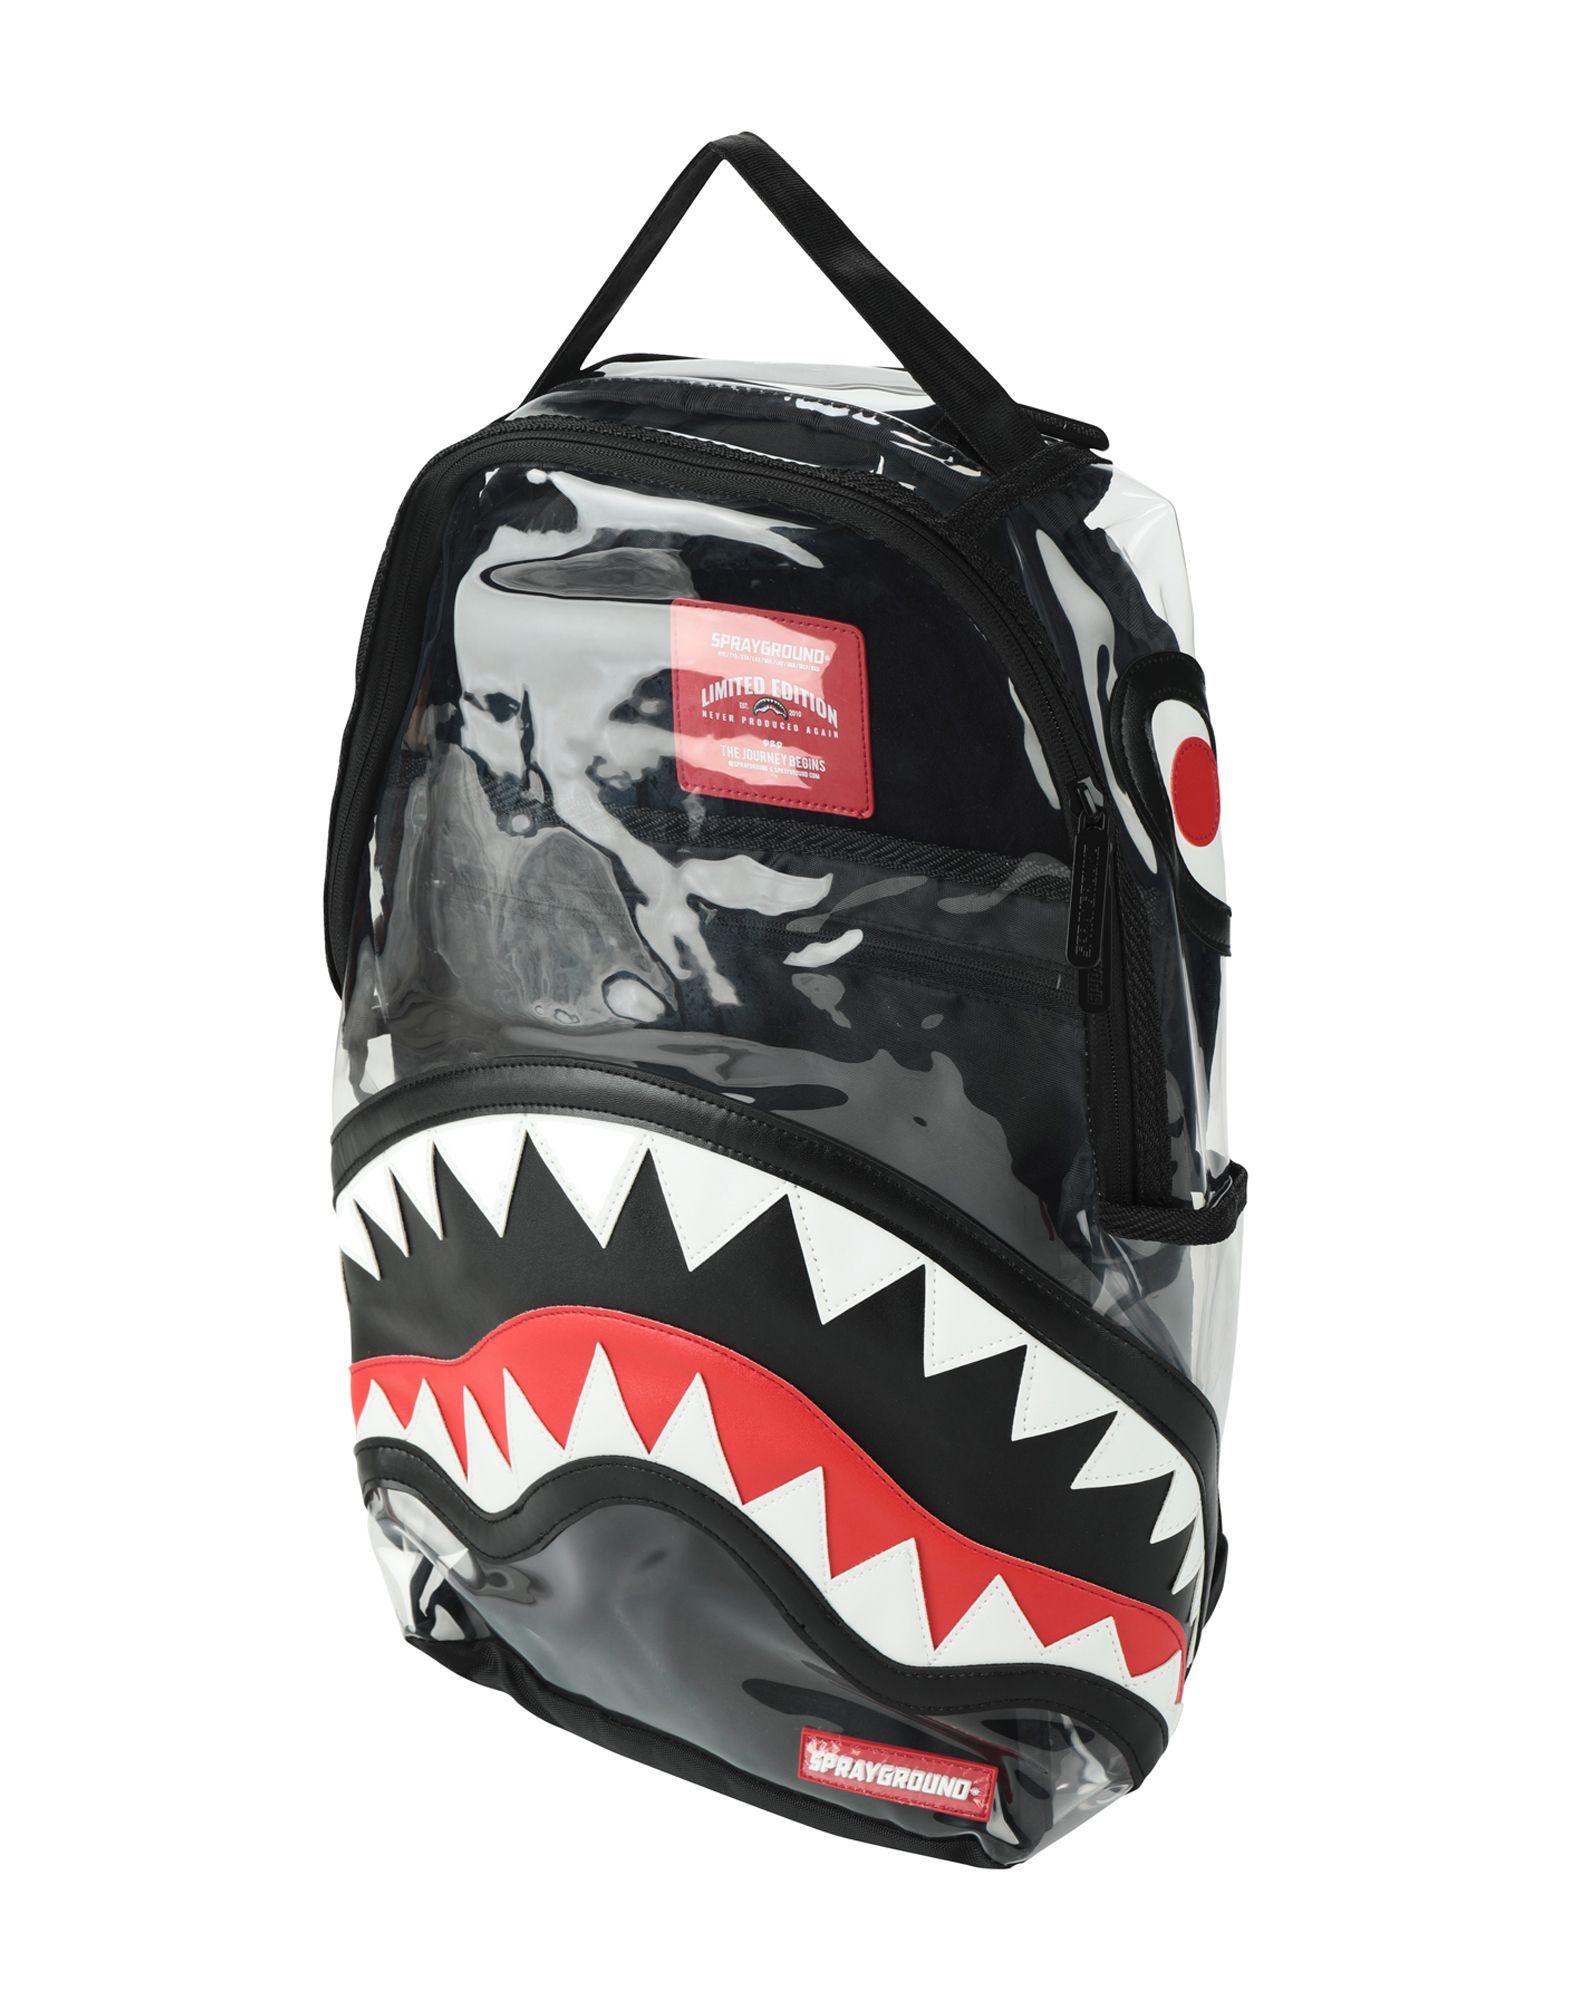 《送料無料》SPRAYGROUND Unisex バックパック&ヒップバッグ クリア 熱可塑性ポリウレタン 100% Clear PVC Shark